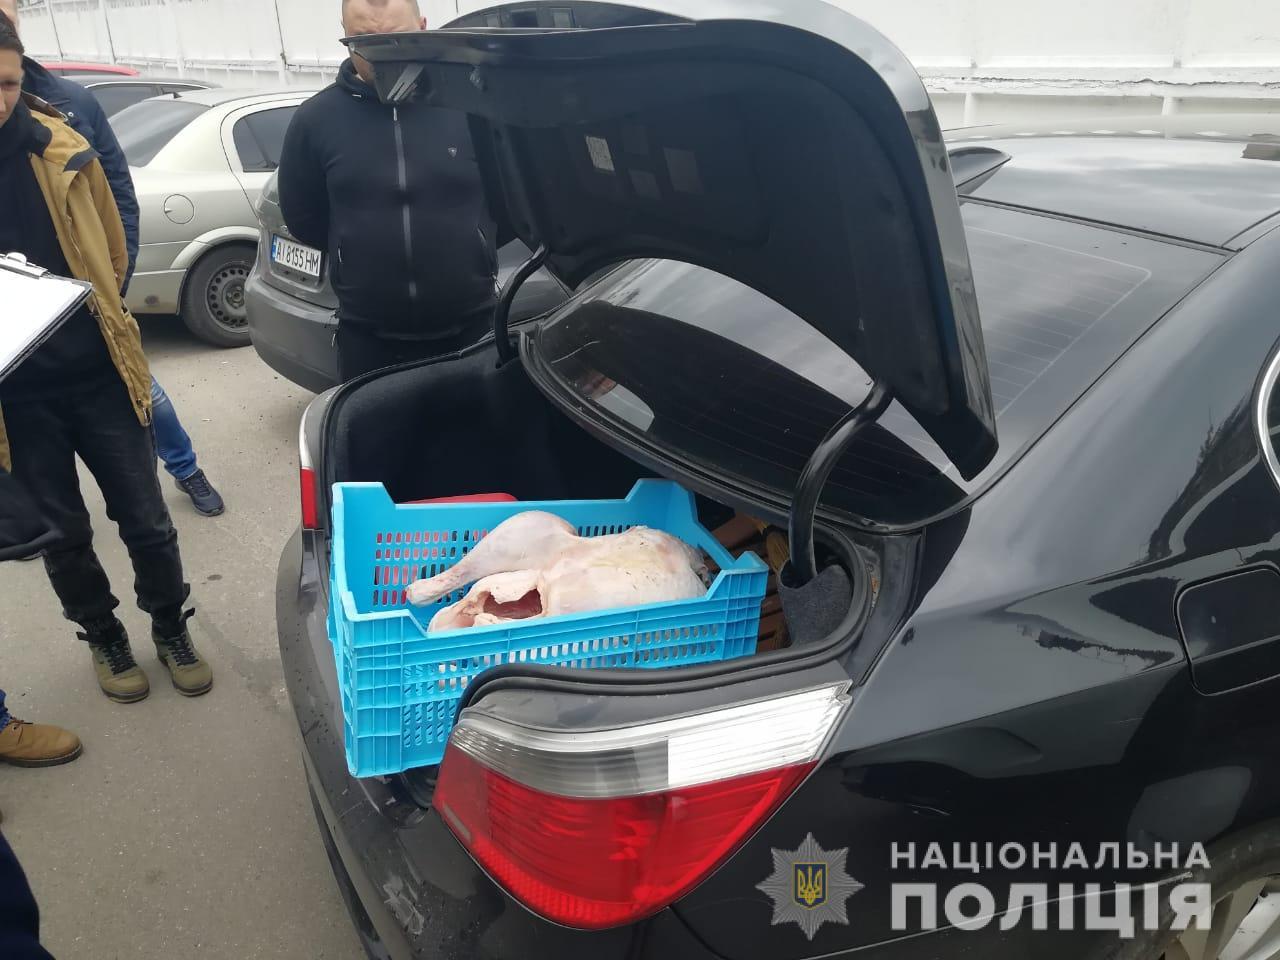 Невдалий жарт: у Білій Церкві затримали зловмисників за розбій - розбій, поліція Київщини, Білоцерківський відділ поліції - bts indyuk2